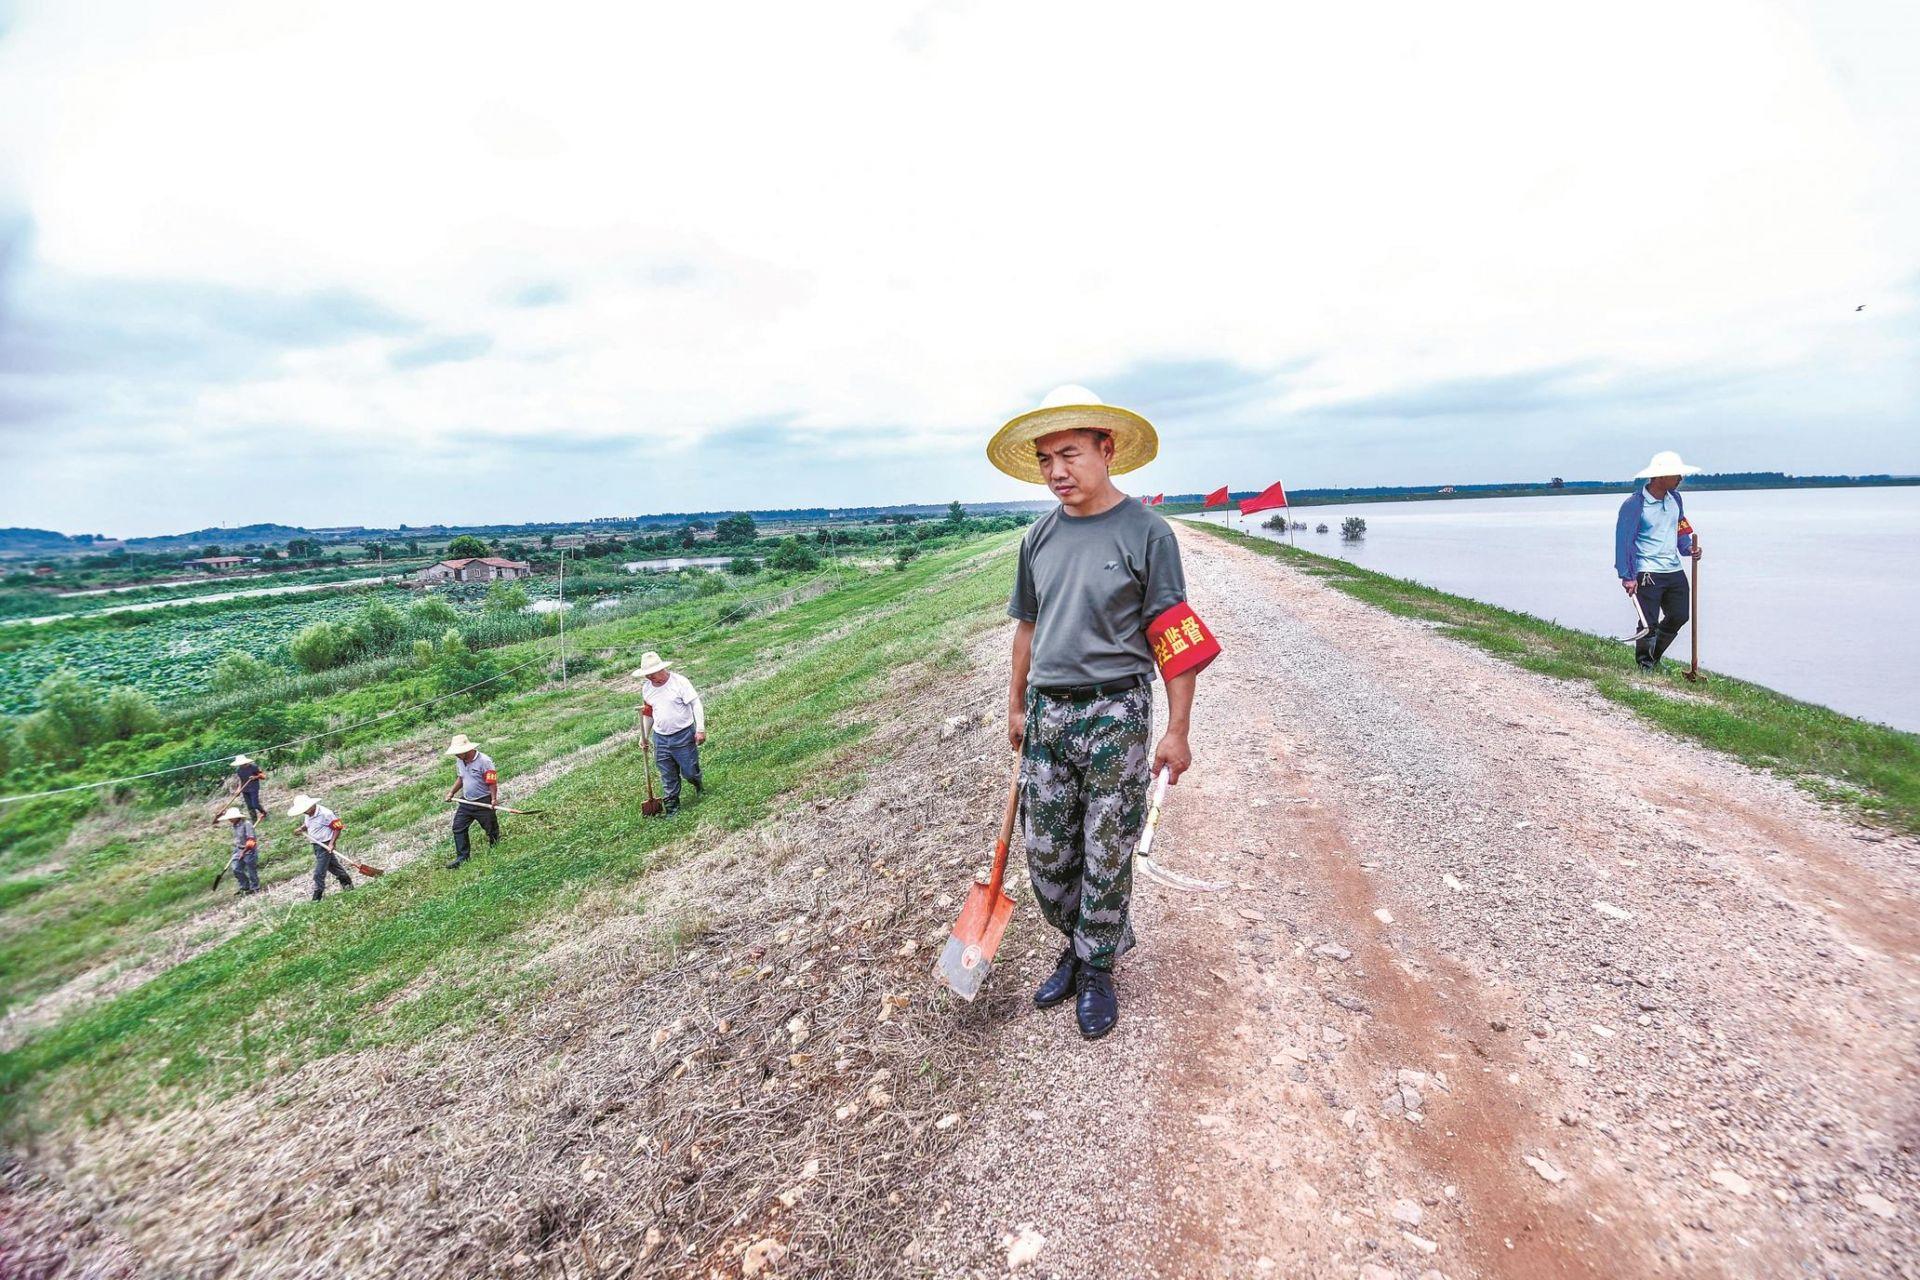 今起四天湖北省有强降雨 长江灾害应急响应升至三级